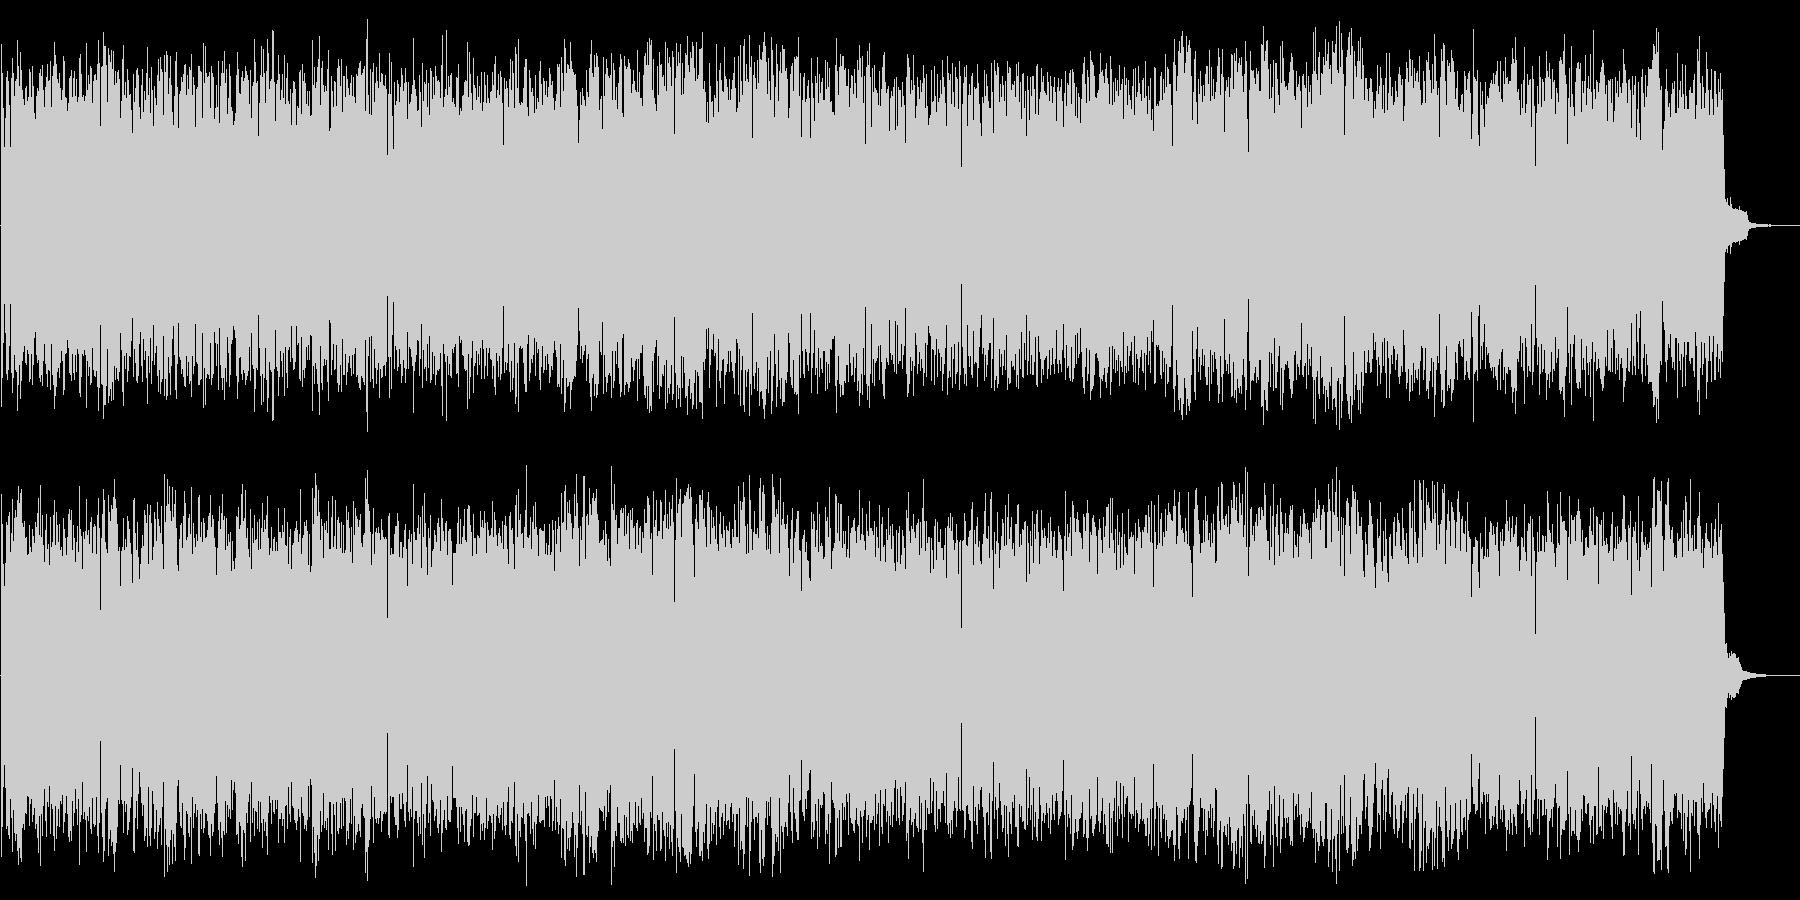 コンピューターのピコピコ ピポ ノイズの未再生の波形